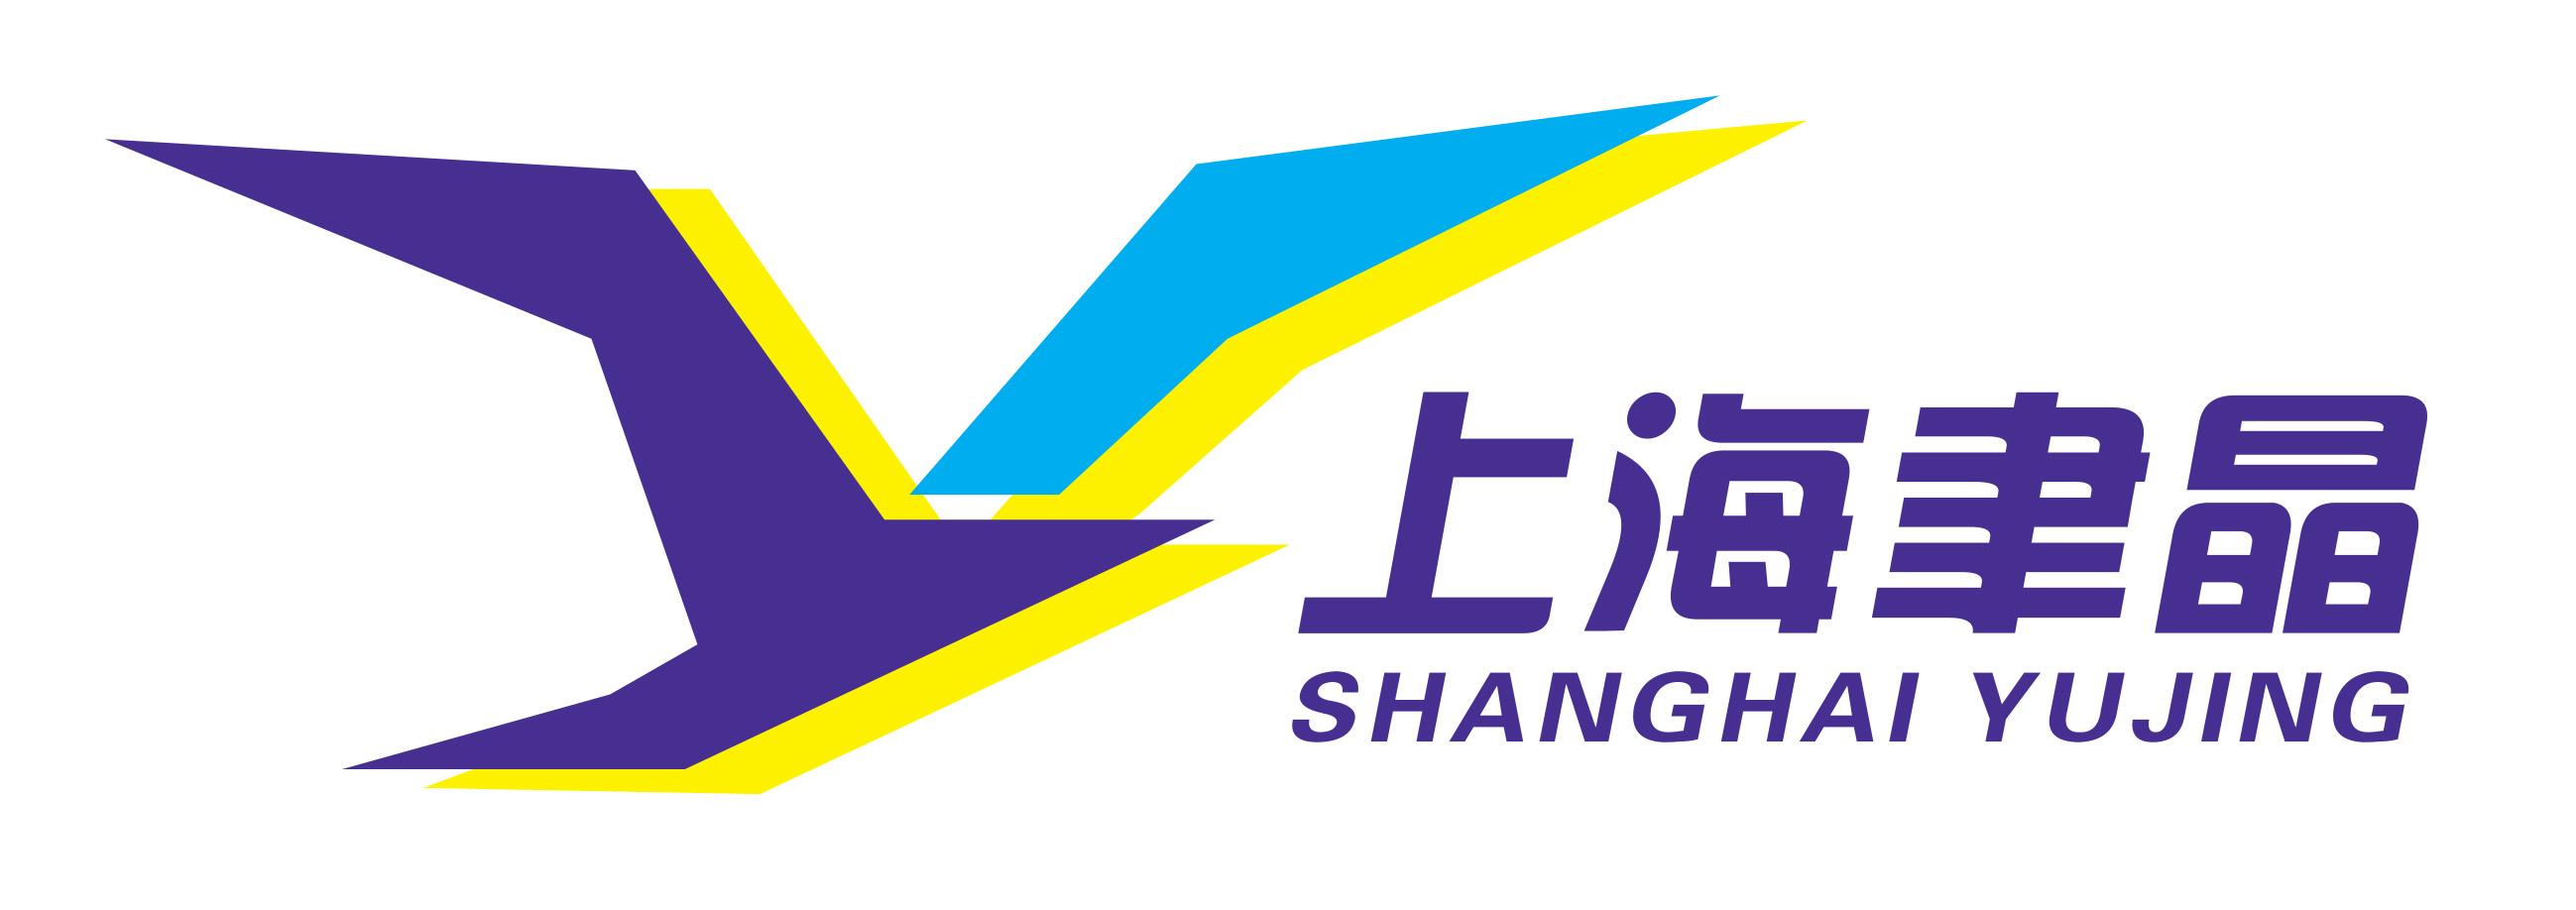 上海聿晶自控设备有限公司